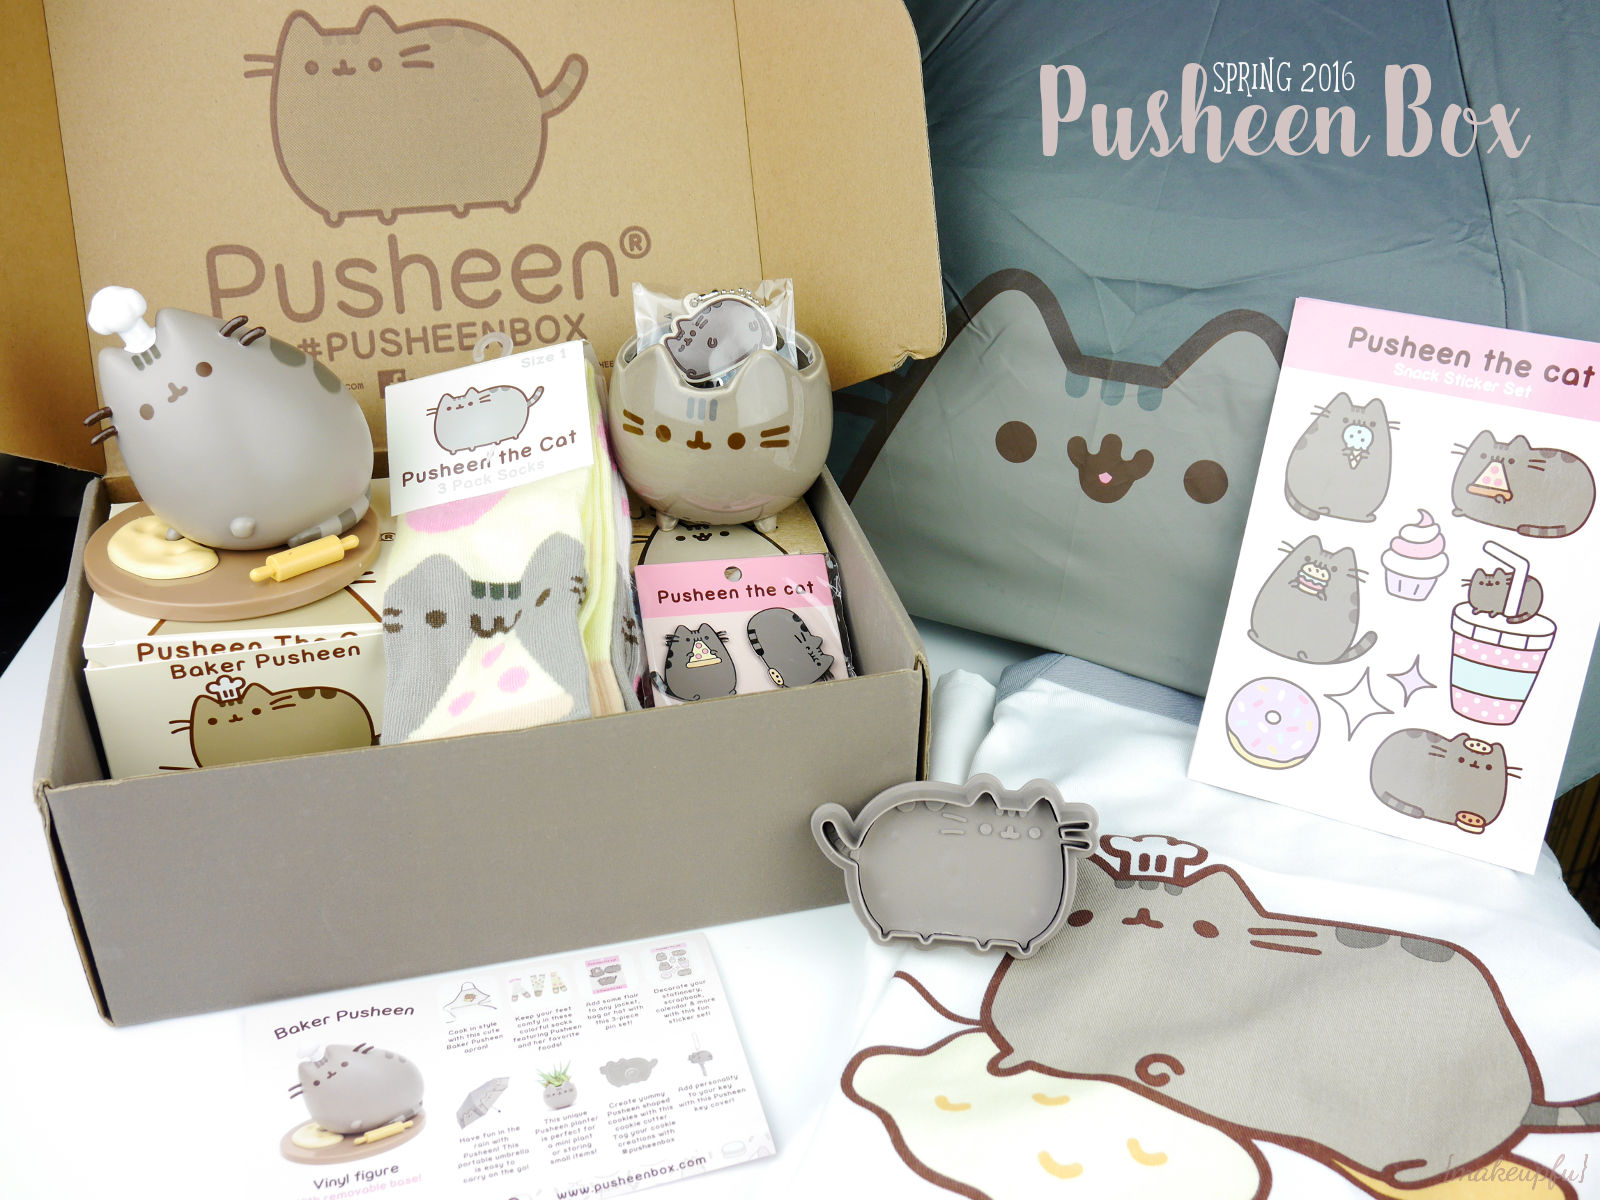 Pusheen Wallpaper Fall Pusheen Box Spring 2016 Review Makeupfu